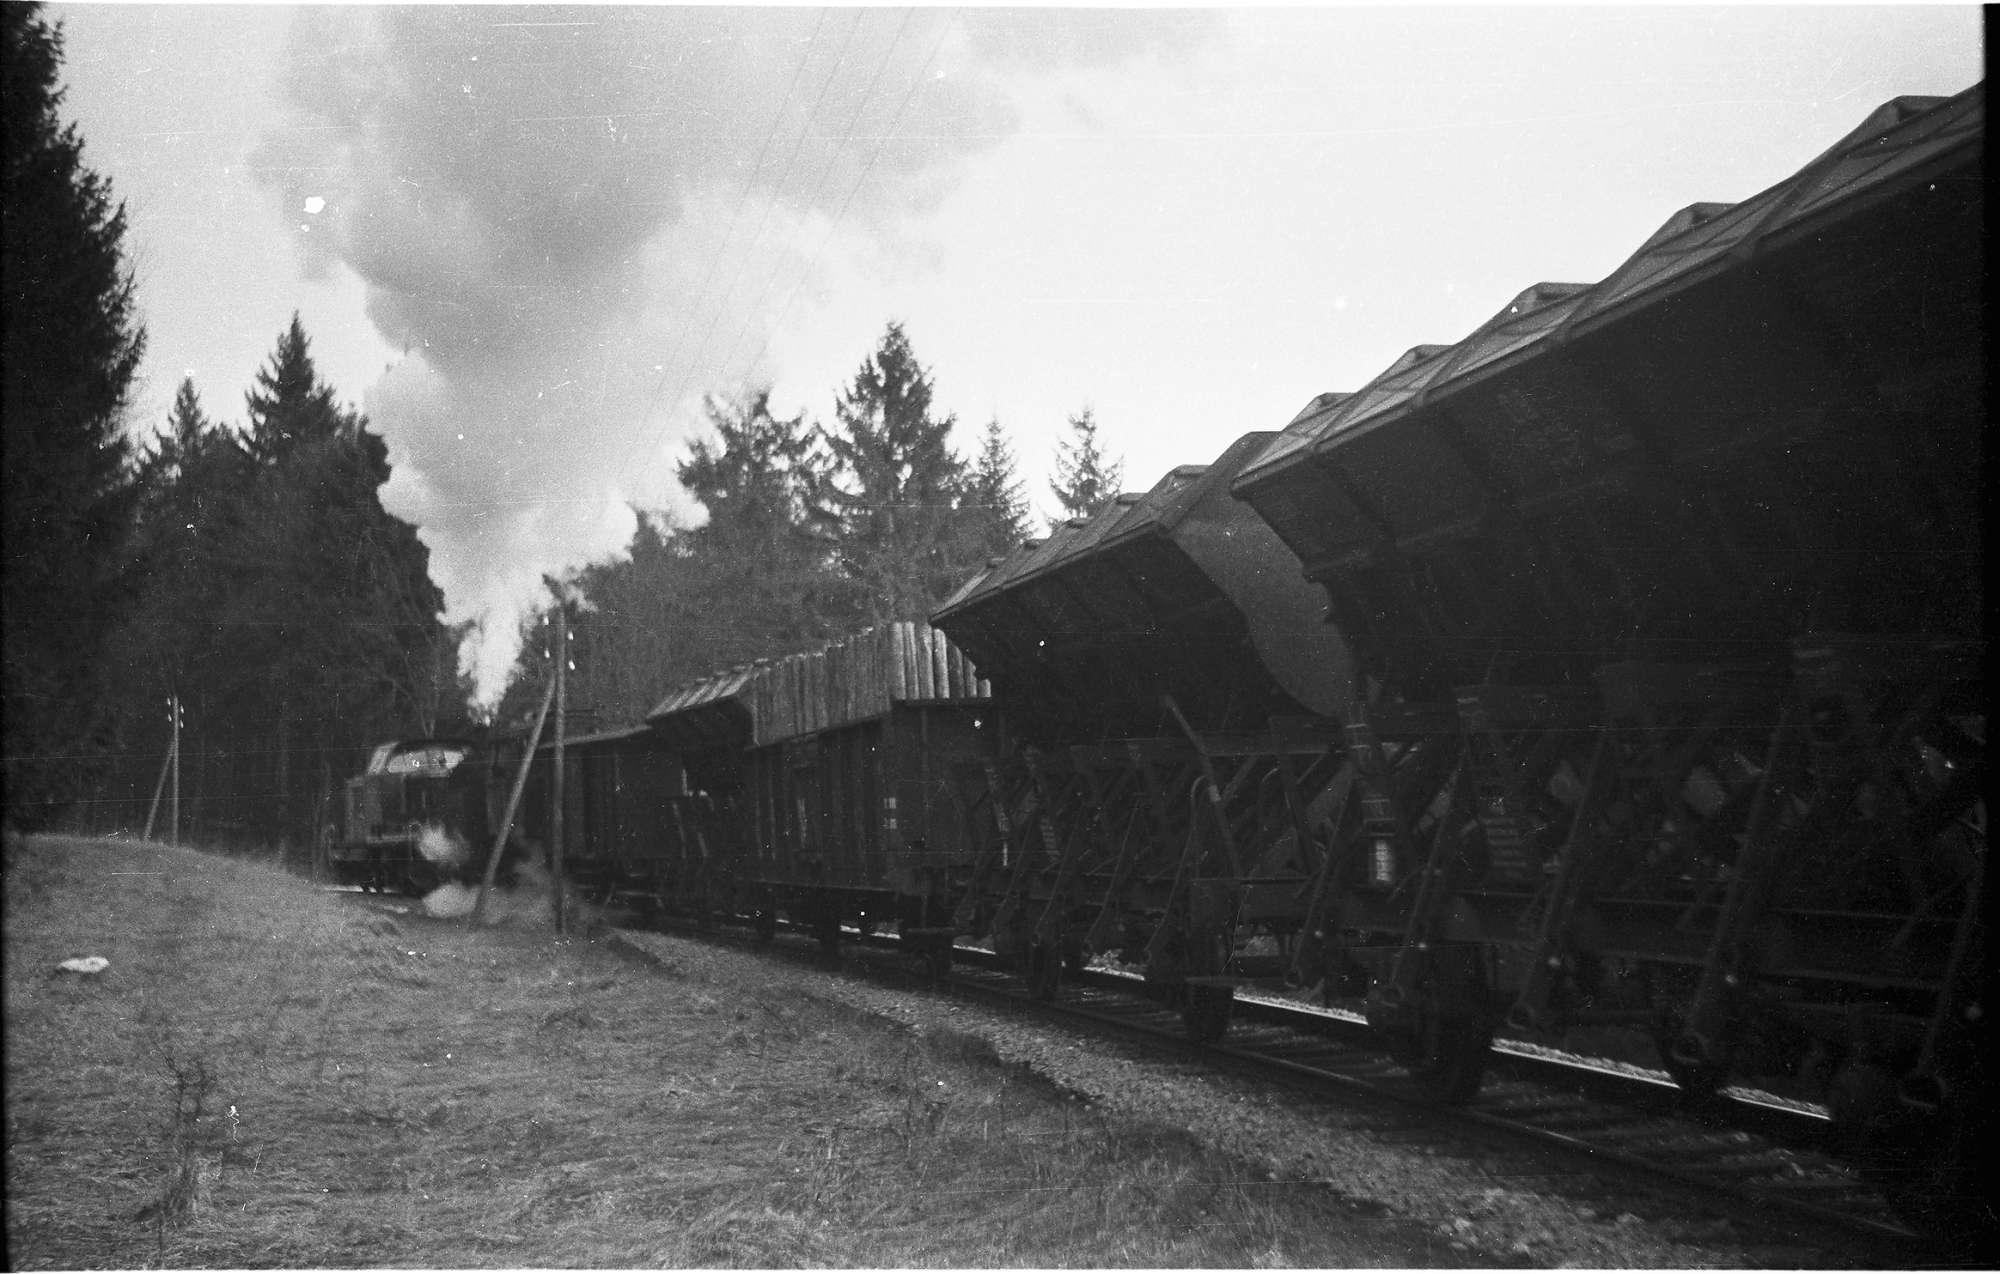 Diesellok V 82 und Dampflok 15, 313/ 308 b, Strecke Neufra - Gammertingen, Packwagen werden in den Güterzügen bis 1990 mitgeführt, seit 2005 Einmannbetrieb, Bild 1